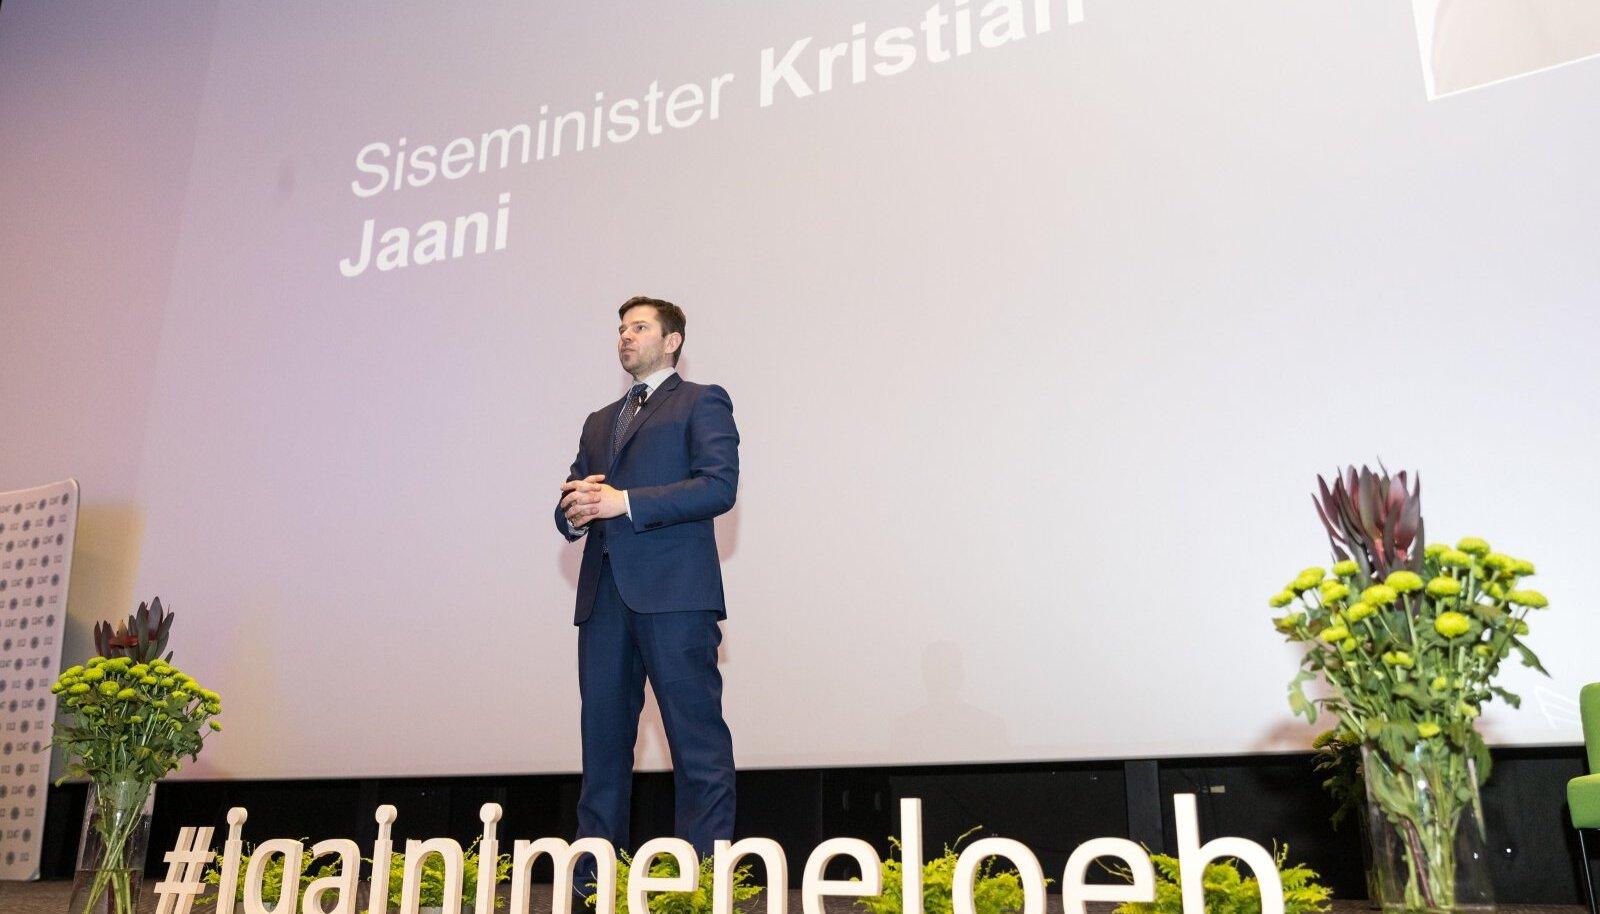 MEIE UUS ESISALASTAJA: Siseminister Kristian Jaani viib ellu loosungit: Iga inimene loeb, aga teada ei tohi ta midagi!